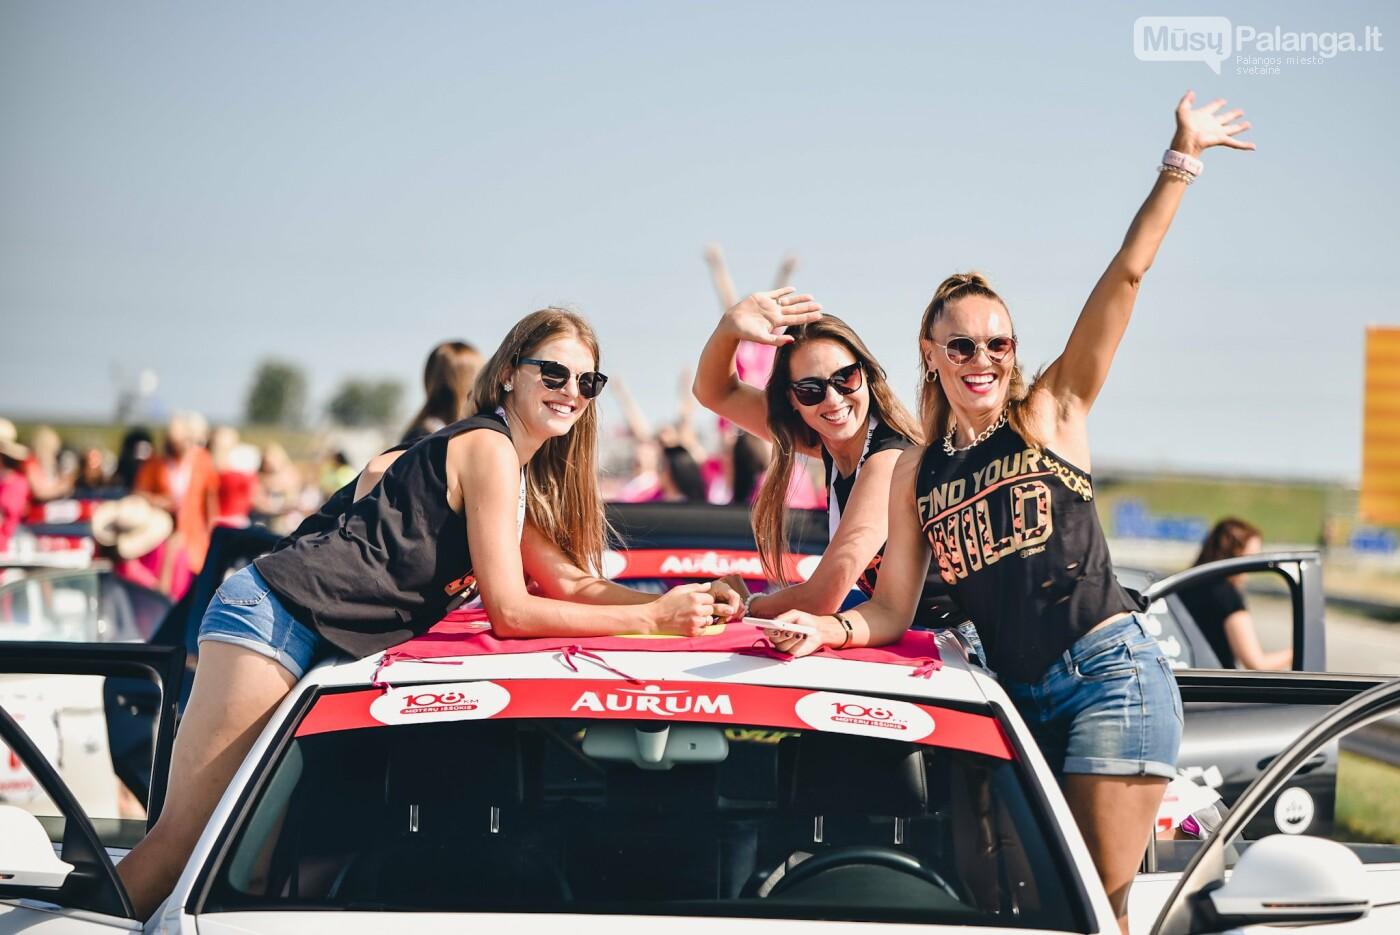 Žiūrovus žavėjo kilometrinė moterų iššūkio dalyvių kolona, nuotrauka-9, Vytauto PILKAUSKO ir Arno STRUMILOS nuotraukos